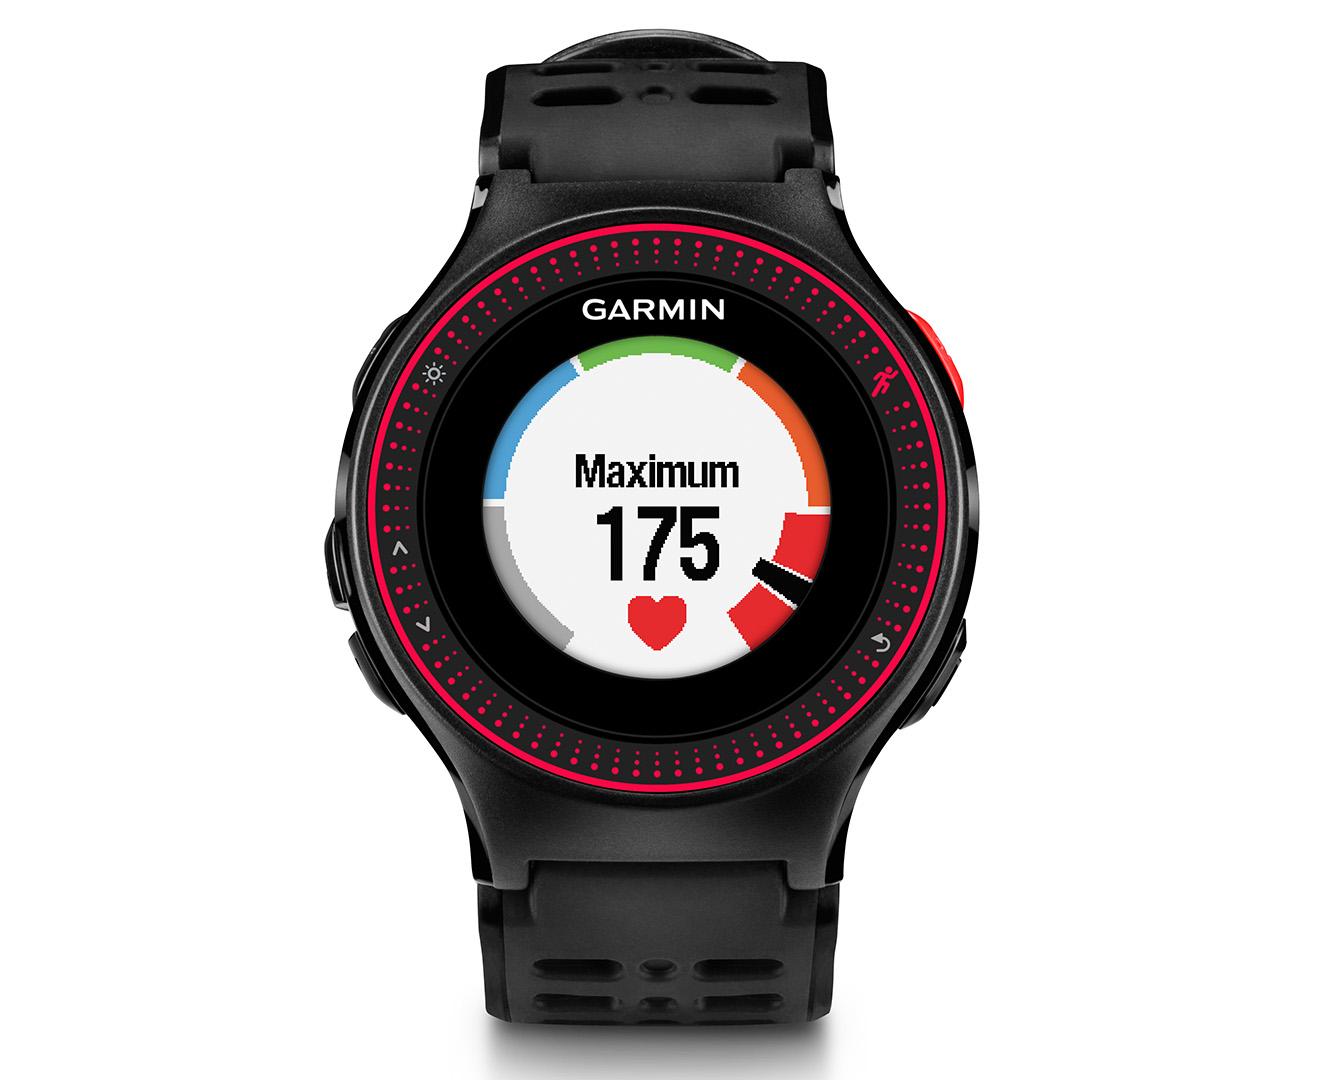 Watch with wrist hrm - Watch With Wrist Hrm 79